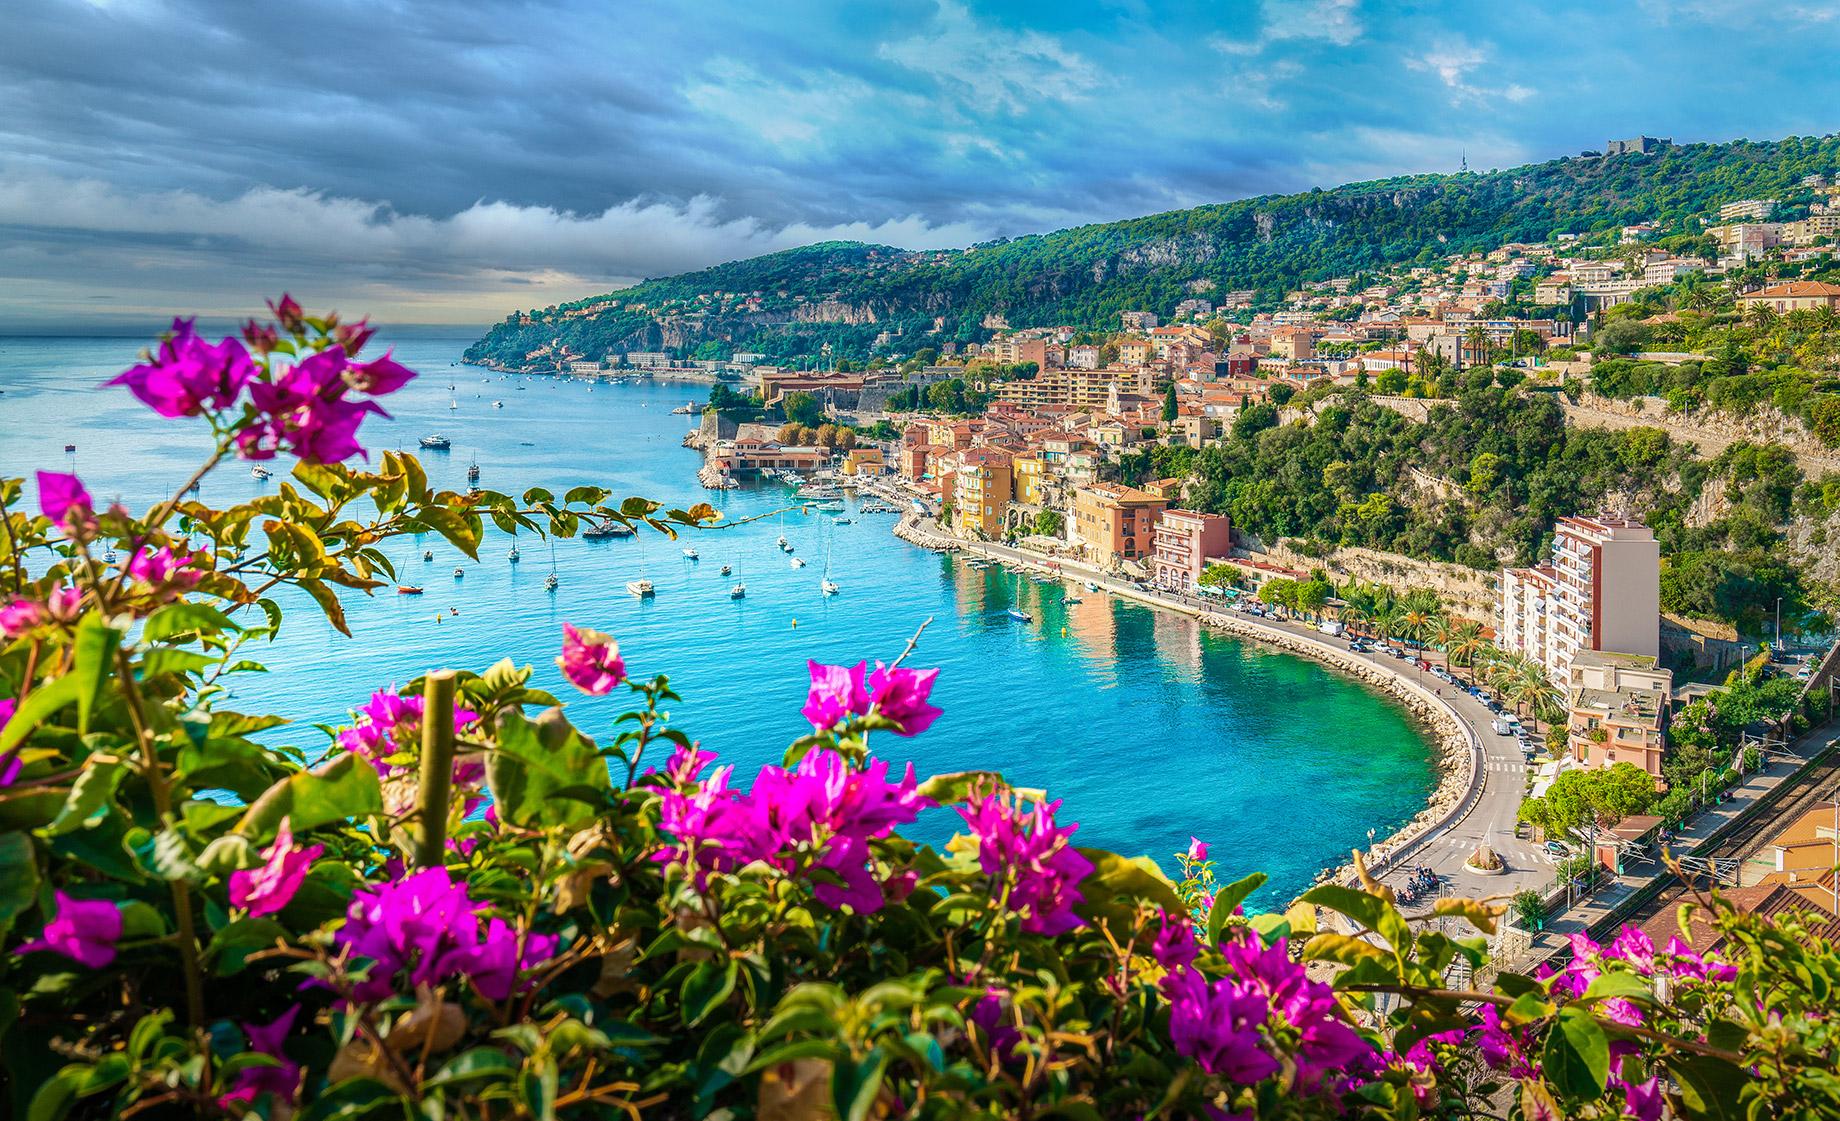 Villefranche-sur-Mer, Nice, Provence-Alpes-Côte d'Azur, France - Top 10 des destinations de voyage de luxe dans le monde